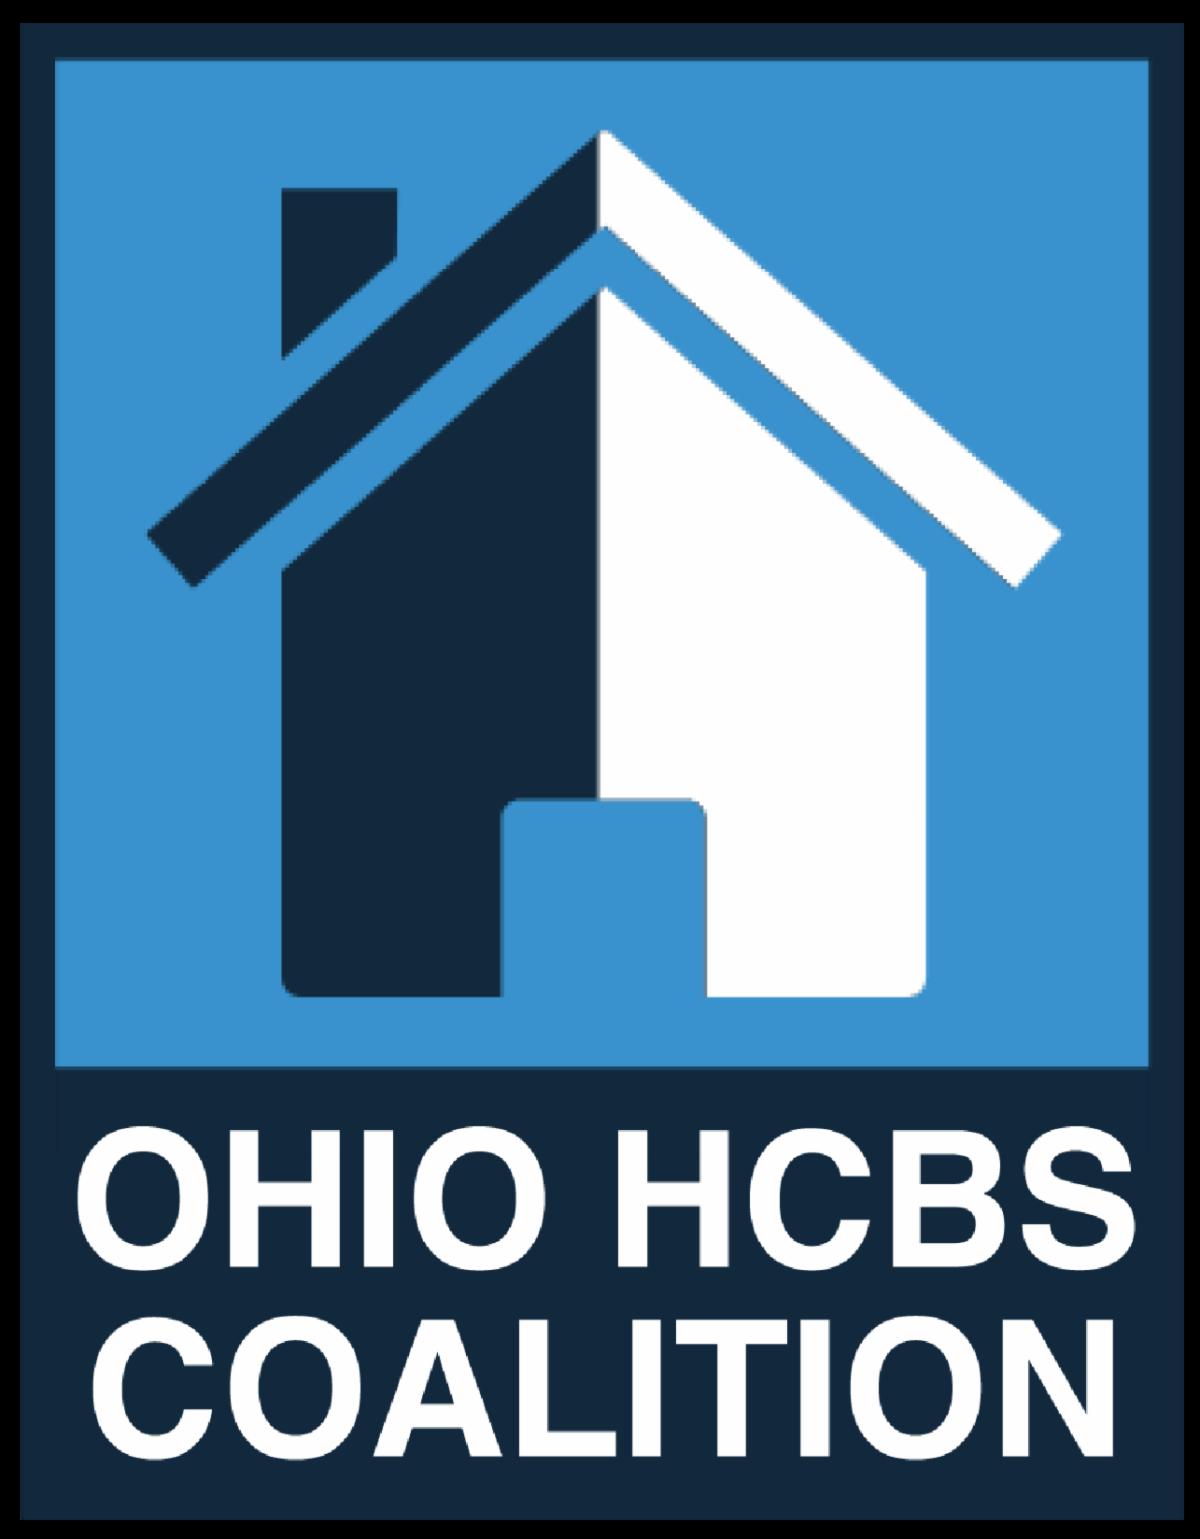 Ohio HCBS Coalition